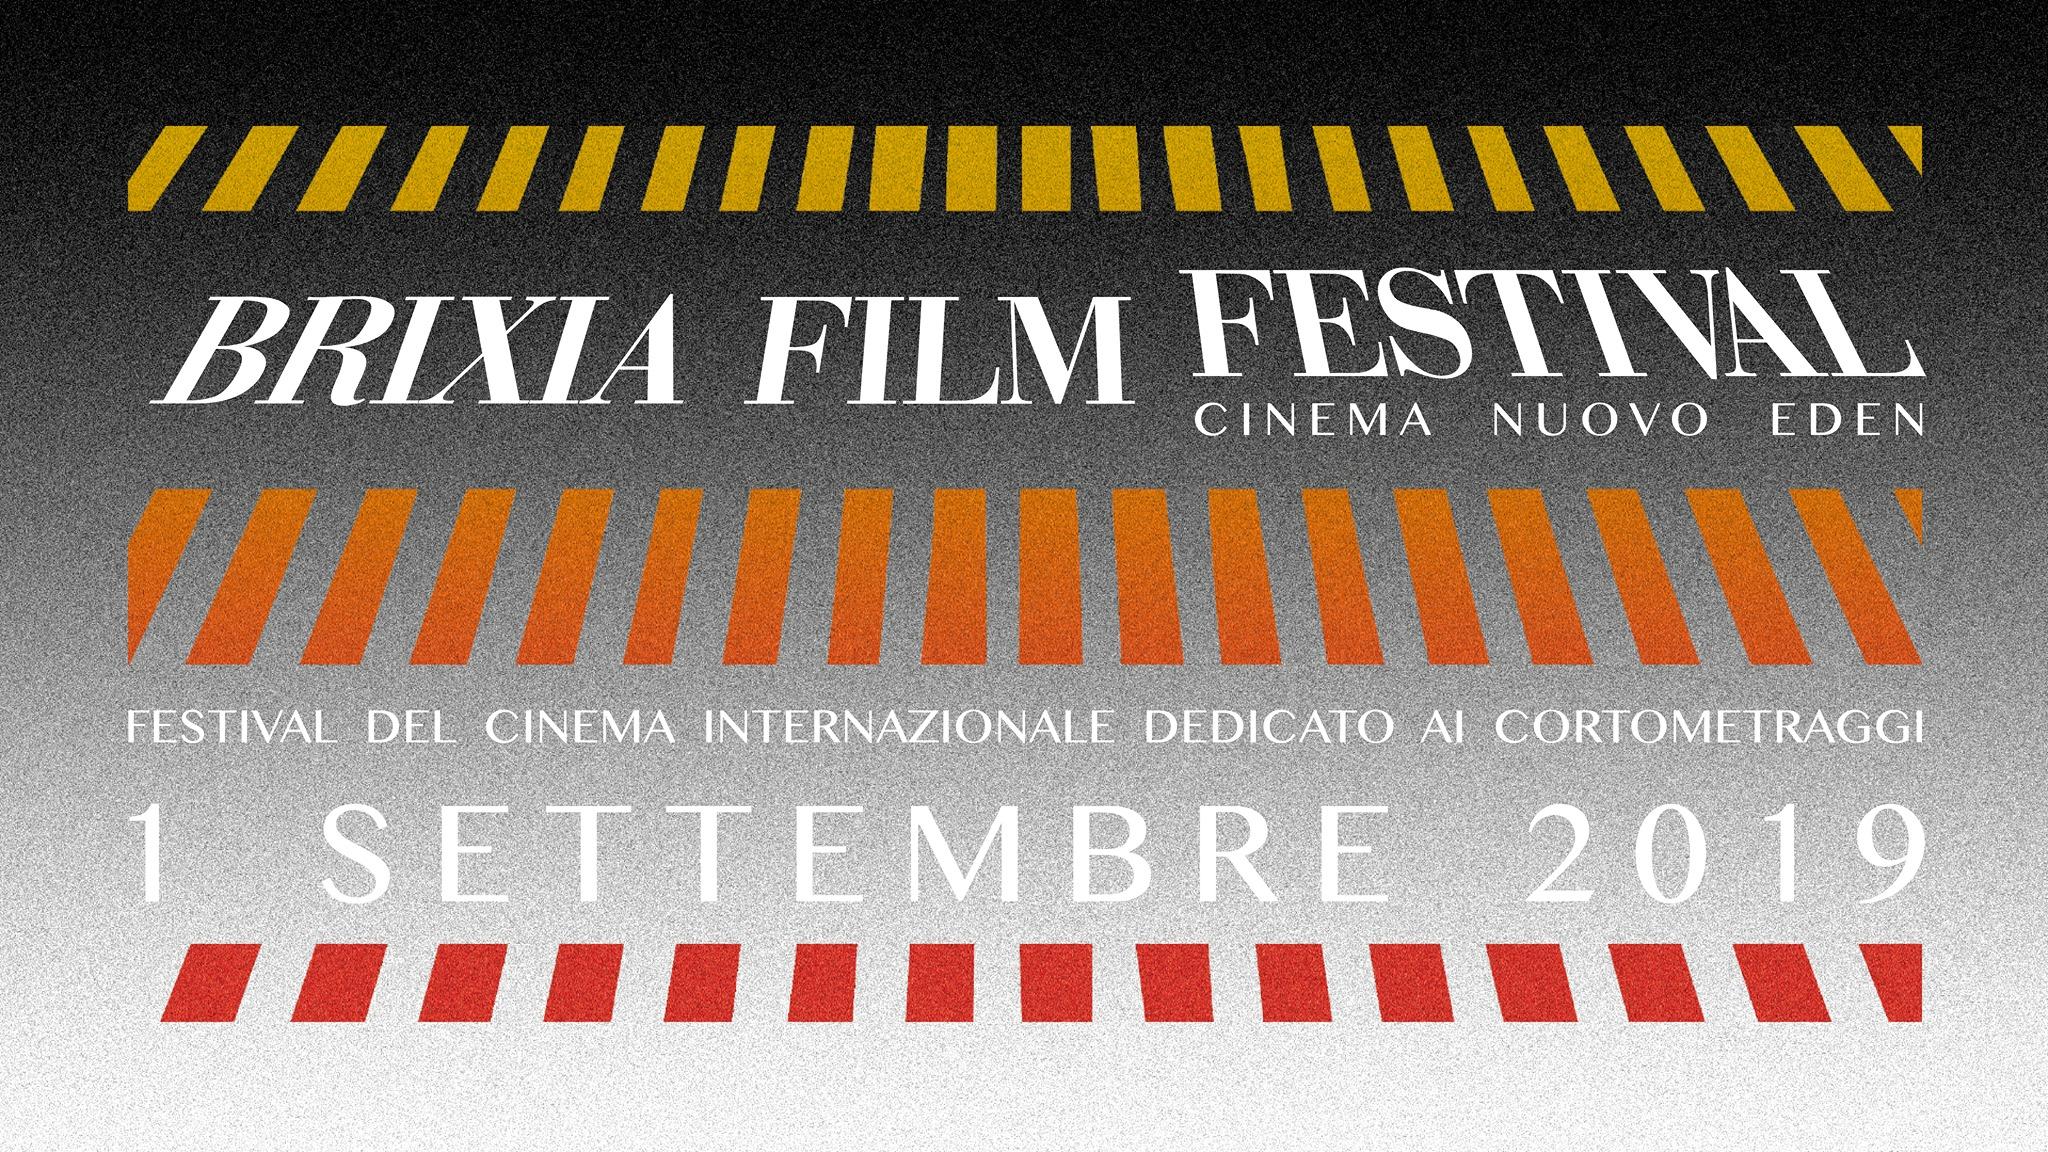 Brixia Film Festival, prima edizione al via l'1 settembre al Cinema Nuovo Eden